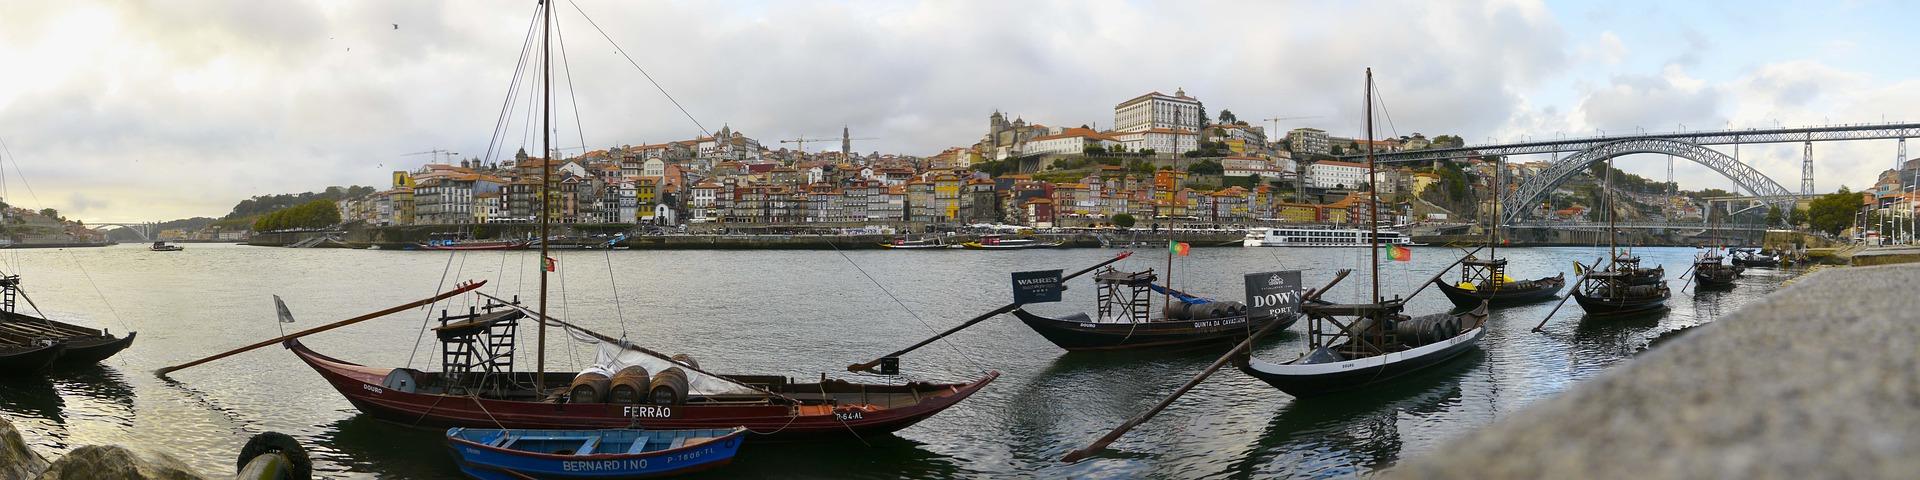 Port - The Mediterranean Lifestyle